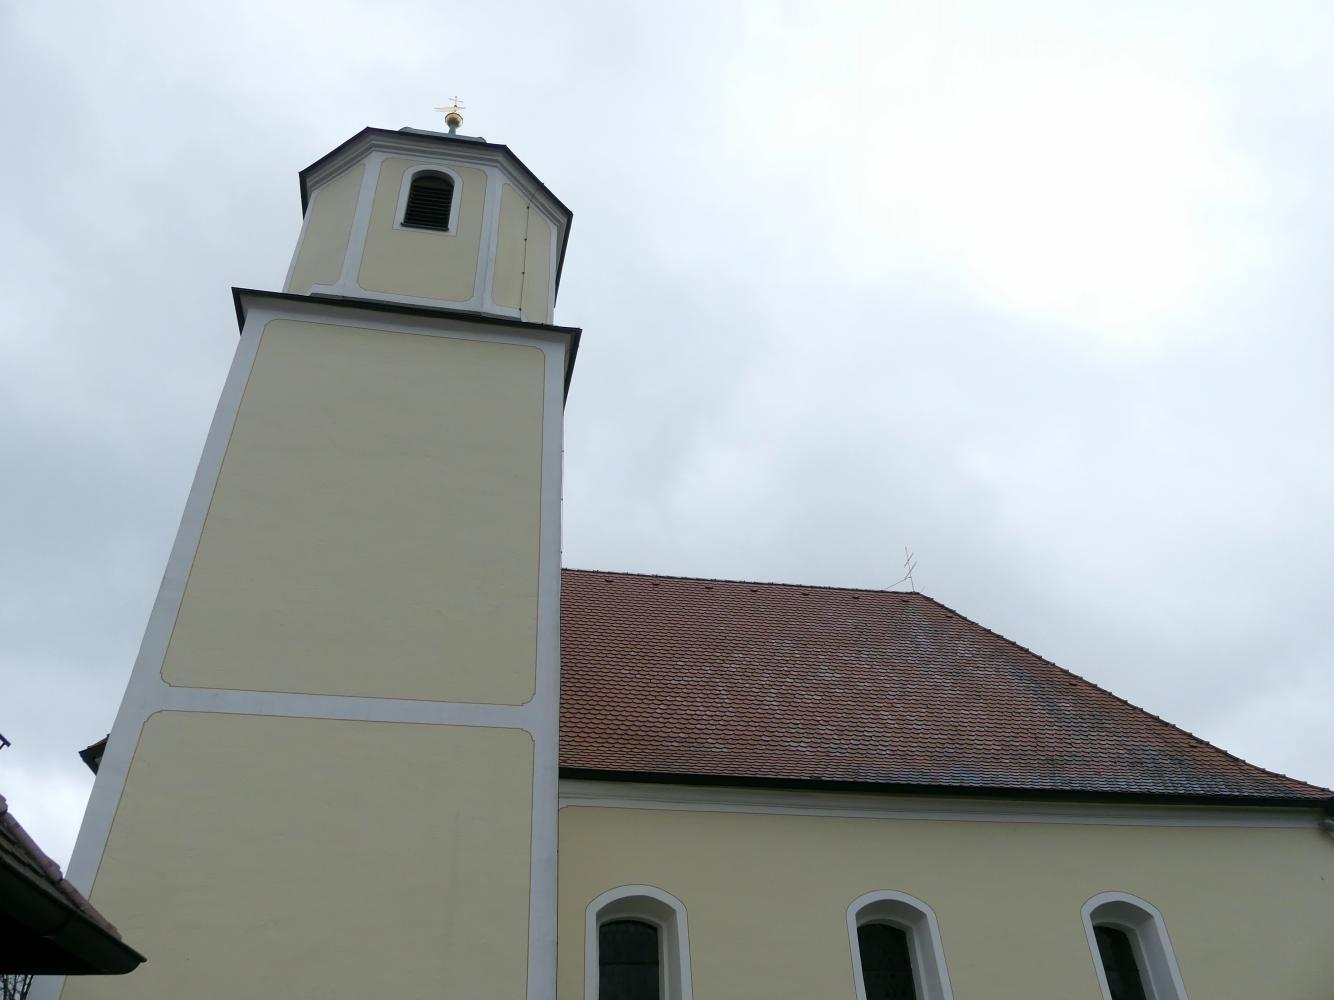 Deusmauer (Velburg), Pfarrkirche St. Maria und Margareta, Bild 2/5